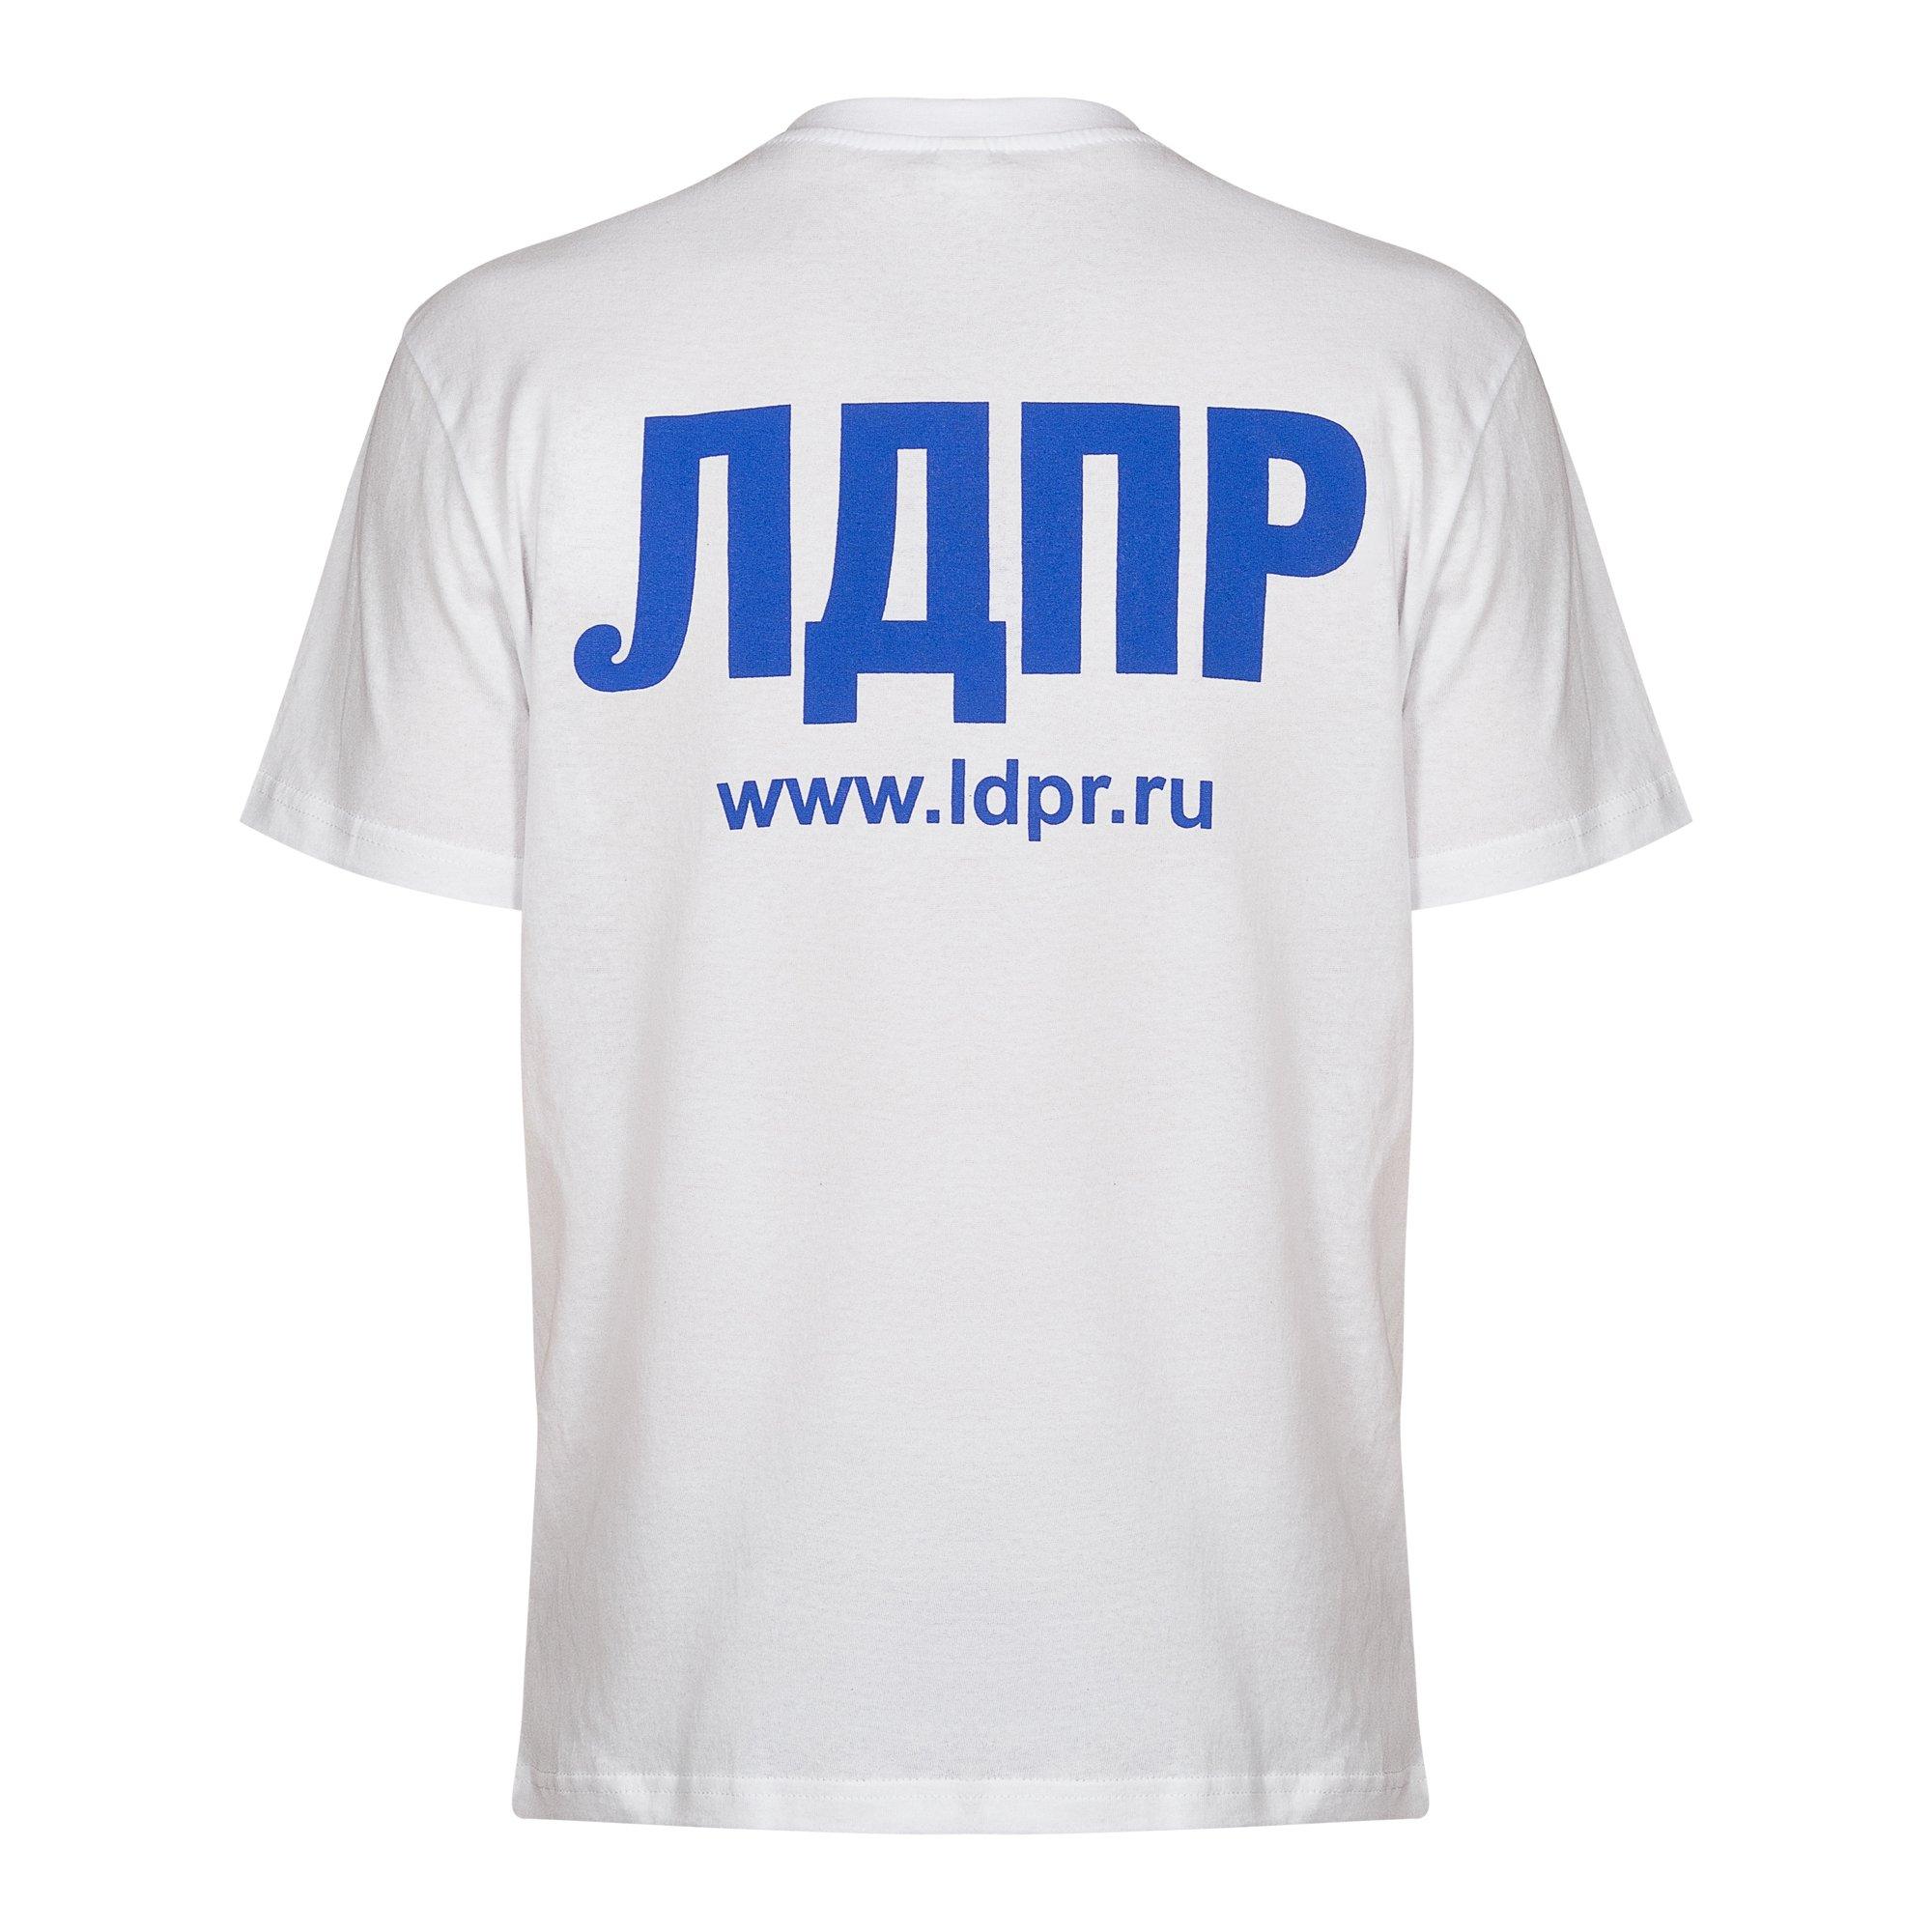 Срочная печать фото и логотипов на футболках в Москве | фото 5